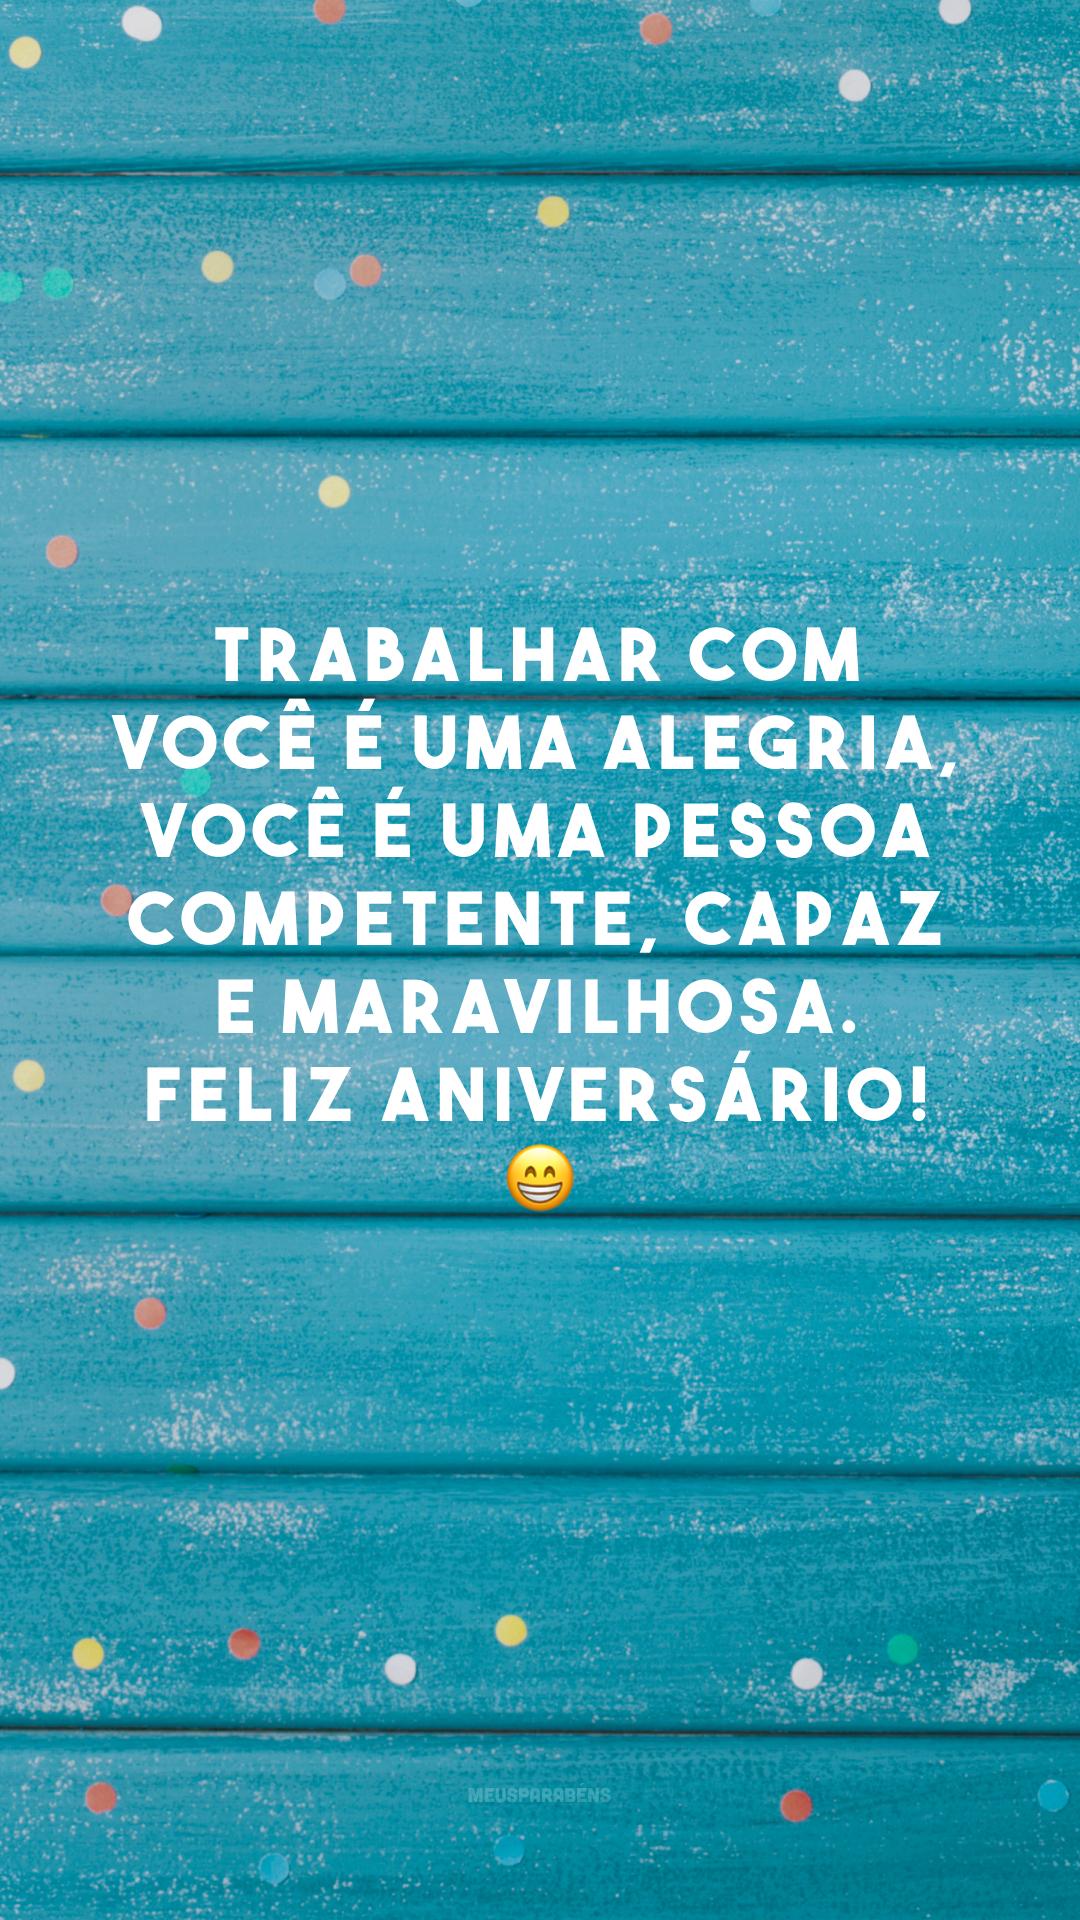 Trabalhar com você é uma alegria, você é uma pessoa competente, capaz e maravilhosa. Feliz aniversário! 😁